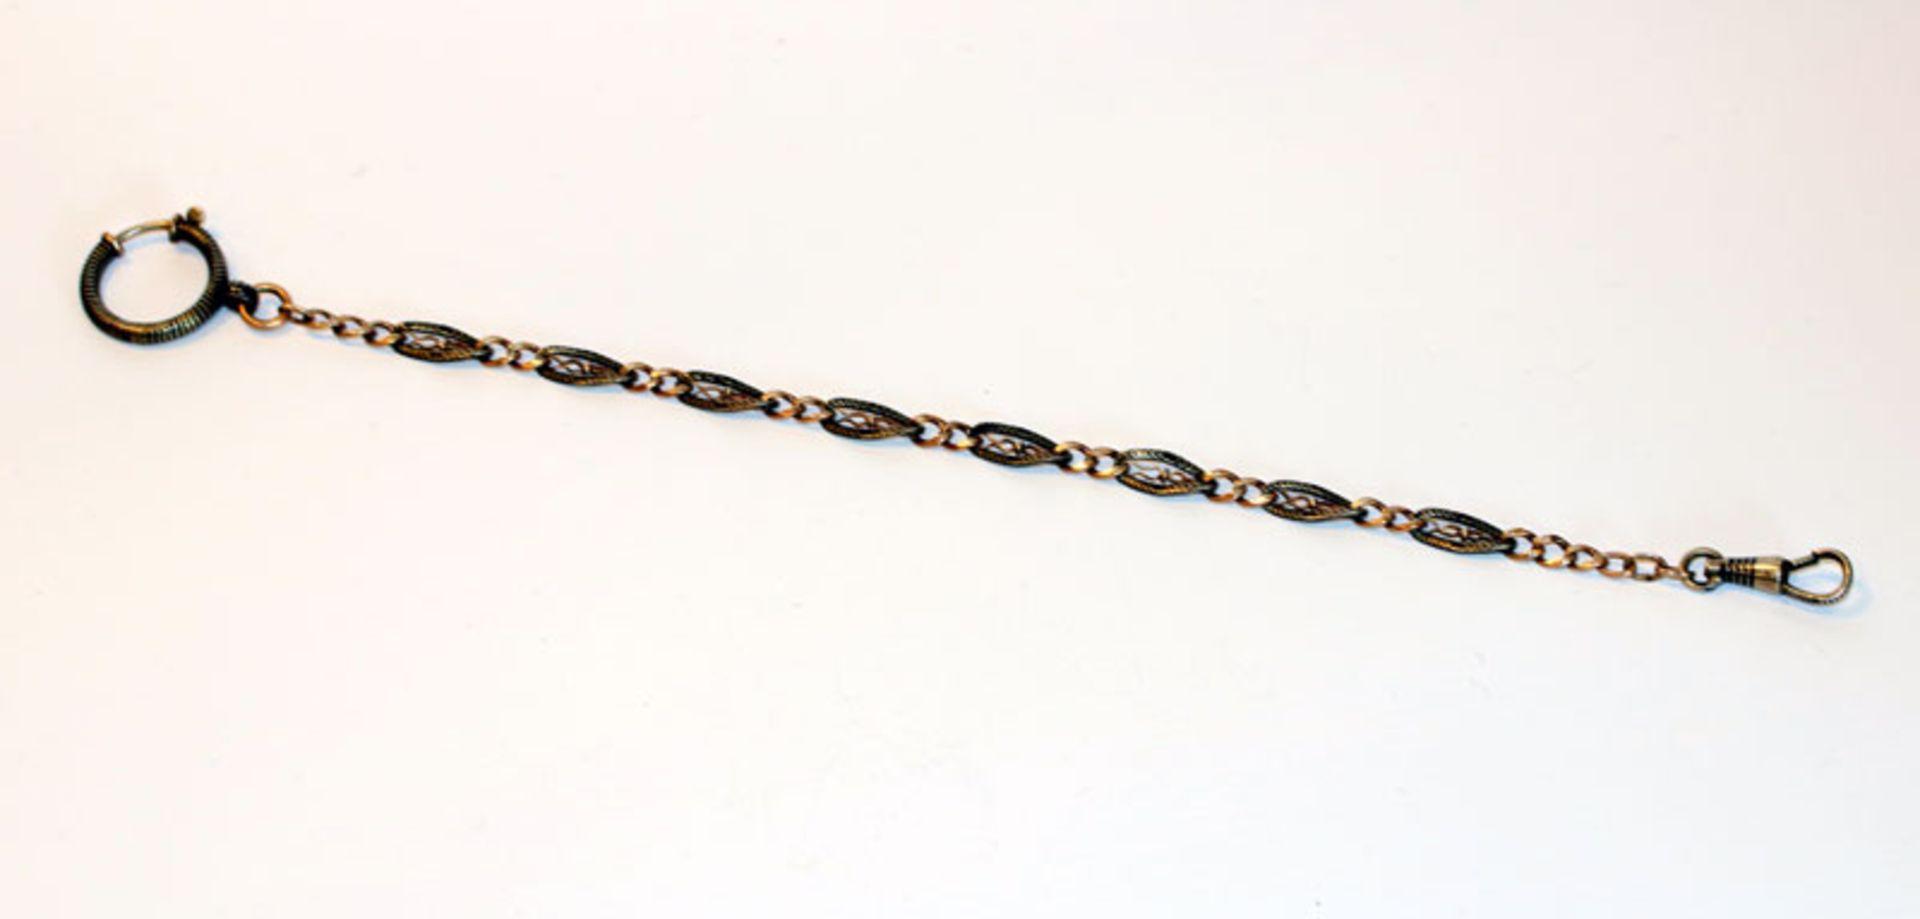 Los 11 - Uhrenkette, 800 Silber mit feiner Nielloarbeit, L 24 cm